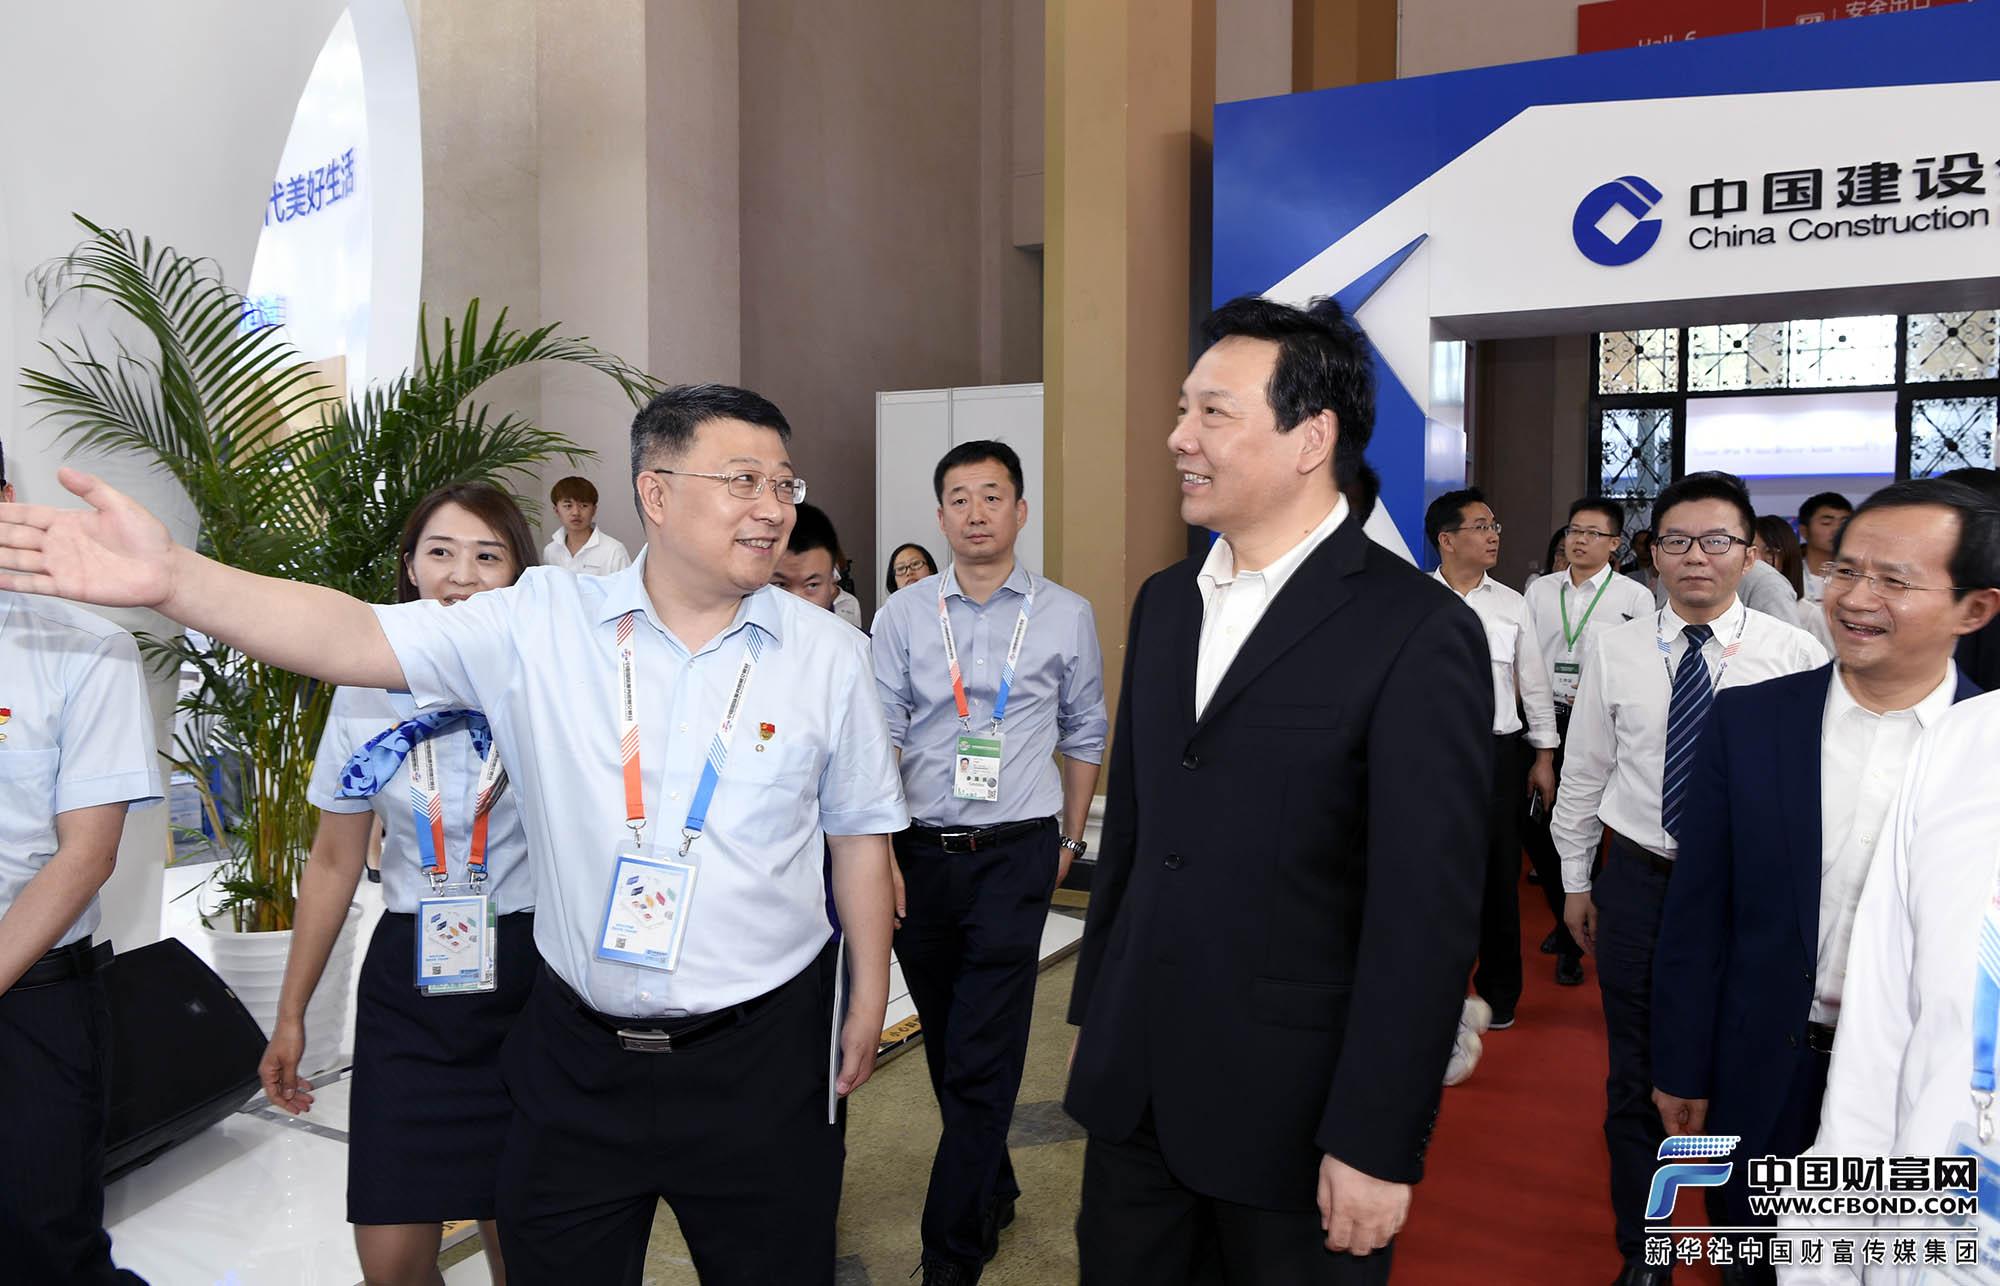 中国人民银行副行长陈雨露与北京市副市长殷勇参观展览